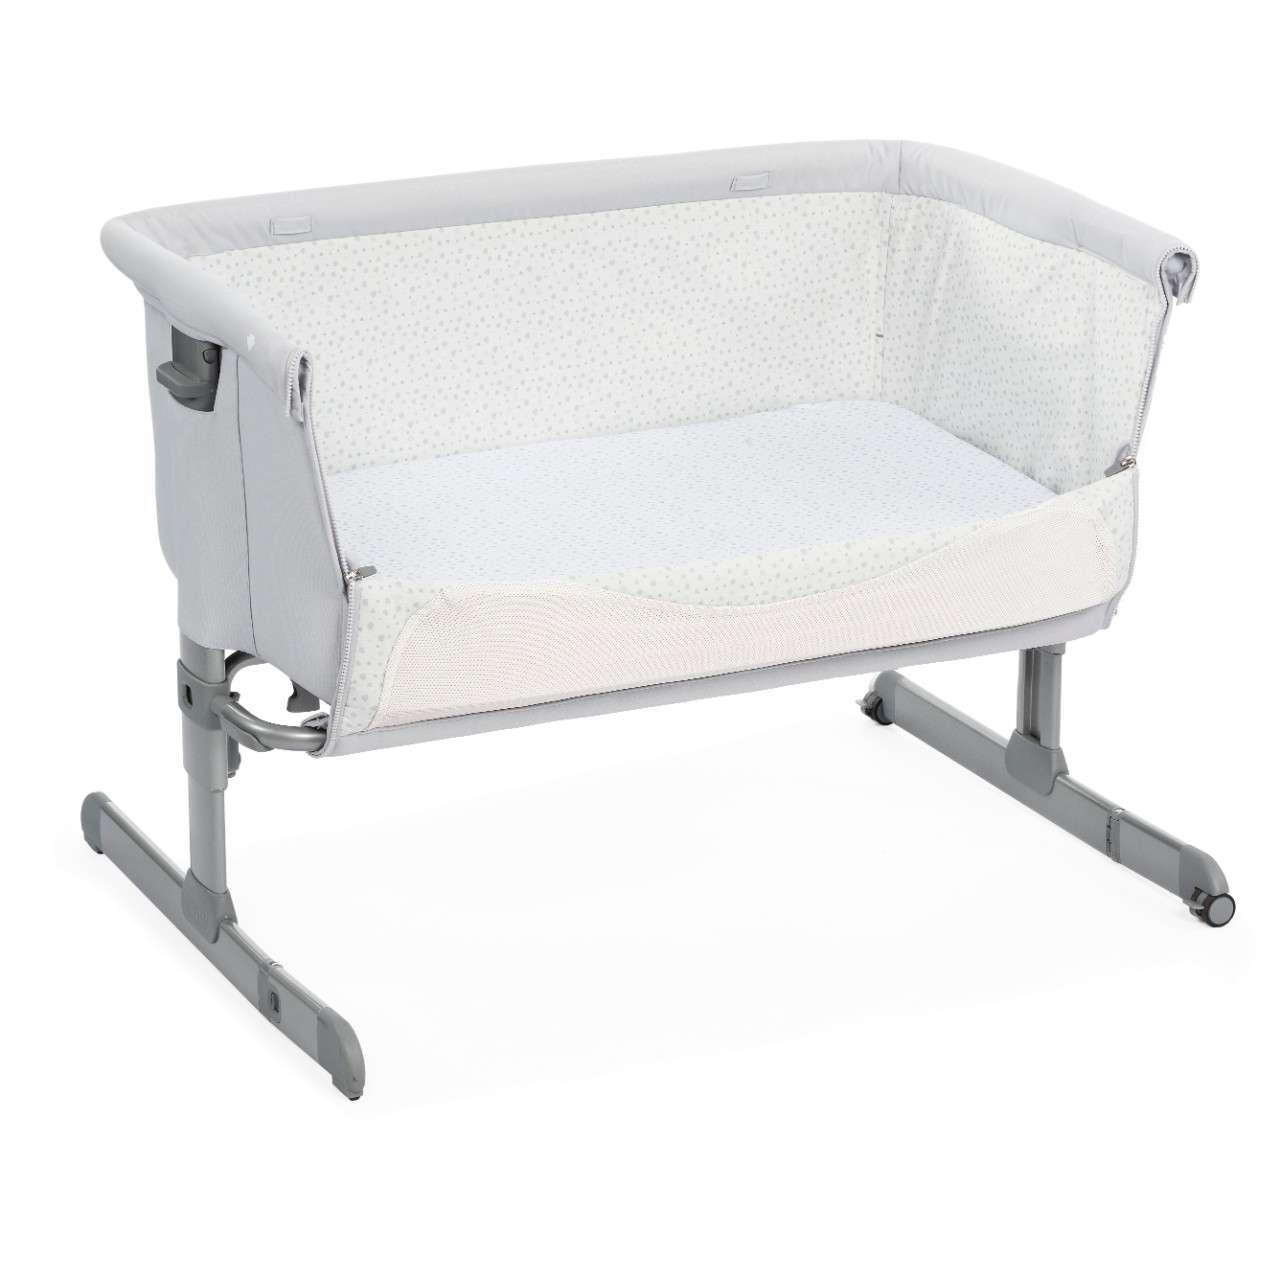 Babyartikel - Alles für Ihr Kleinkind | Chicco DE